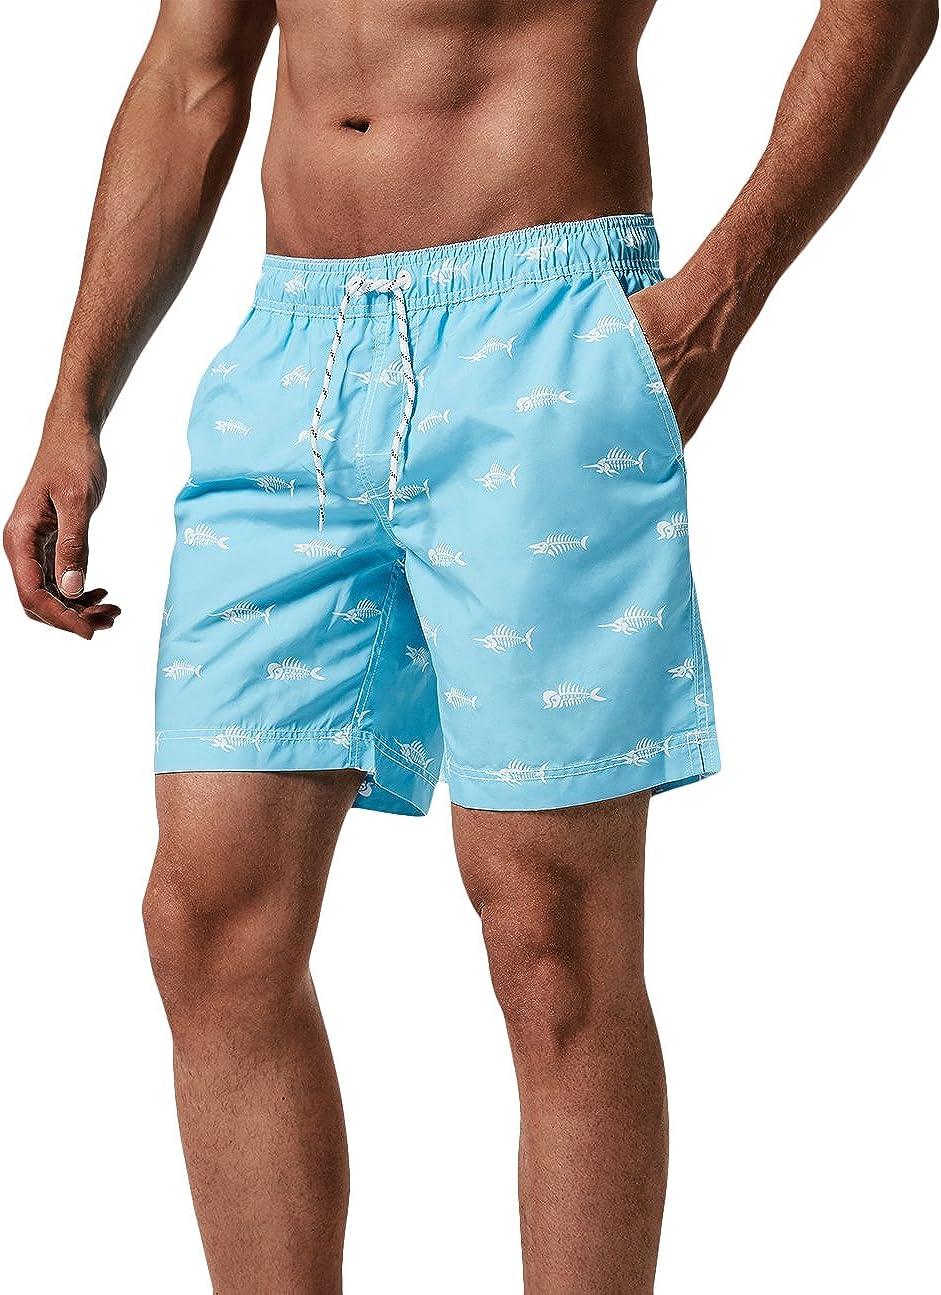 MaaMgic Shorts de baño para Hombre Shorts de Playa Traje de bañode Secado rápido para Vacaciones